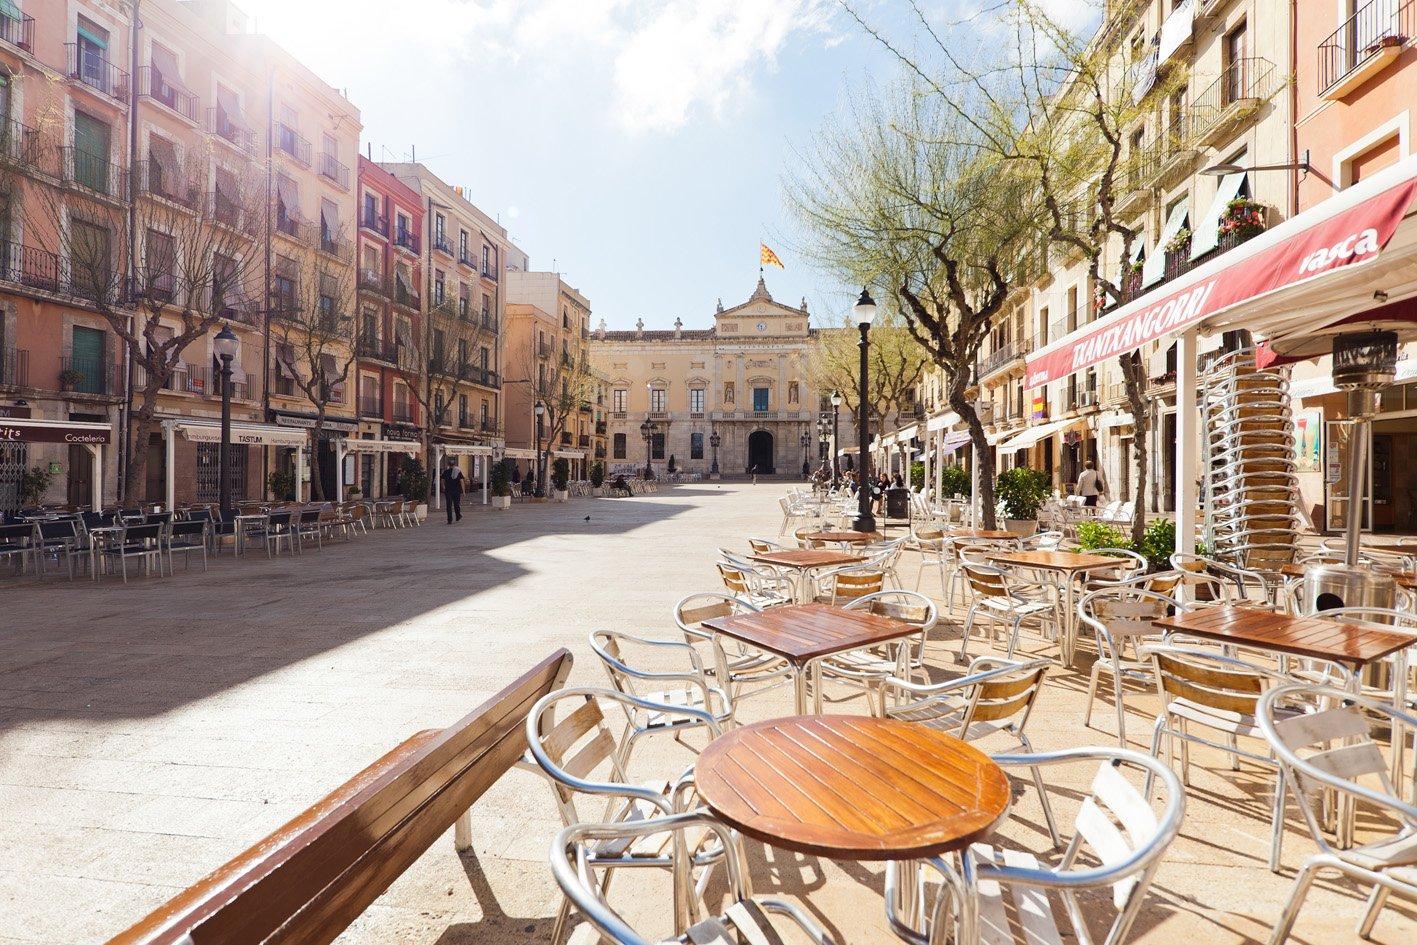 hotel_la_fontnombre_del_documento_16-1d9807e653c8844ac4544751652030f9